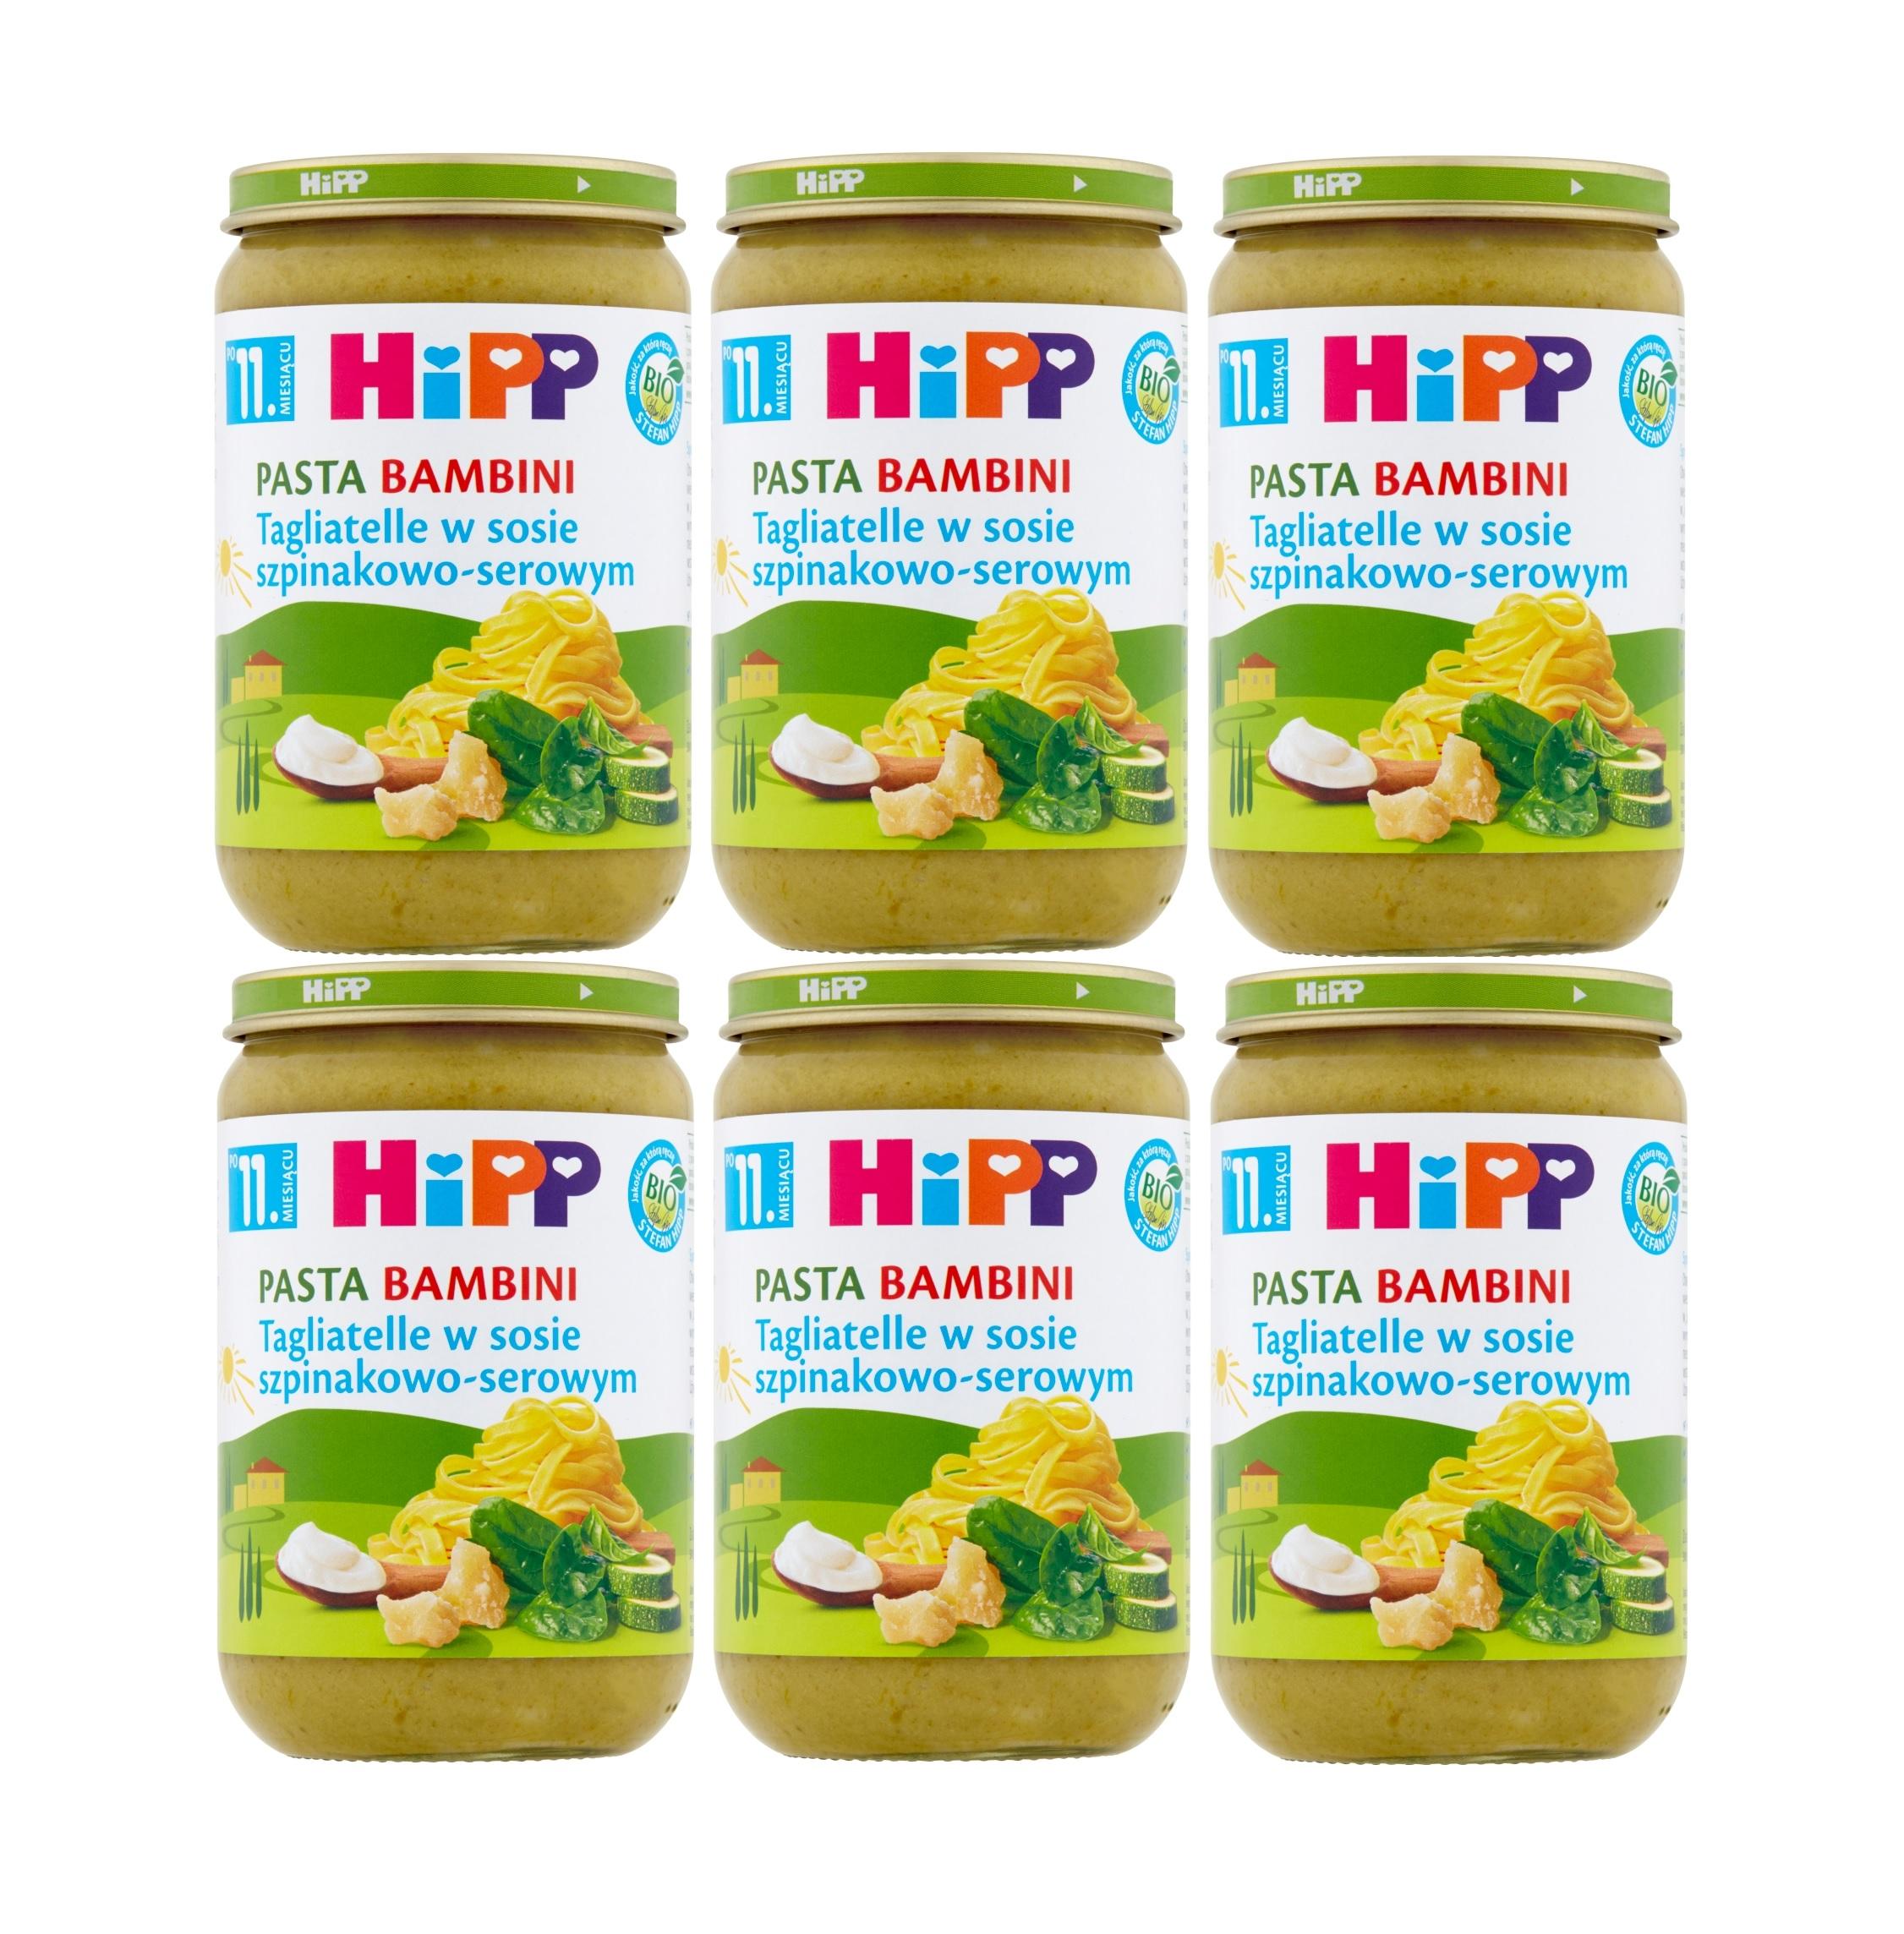 6 pak hipp tagliatelle w sosie szpinakowo-serowym 220g